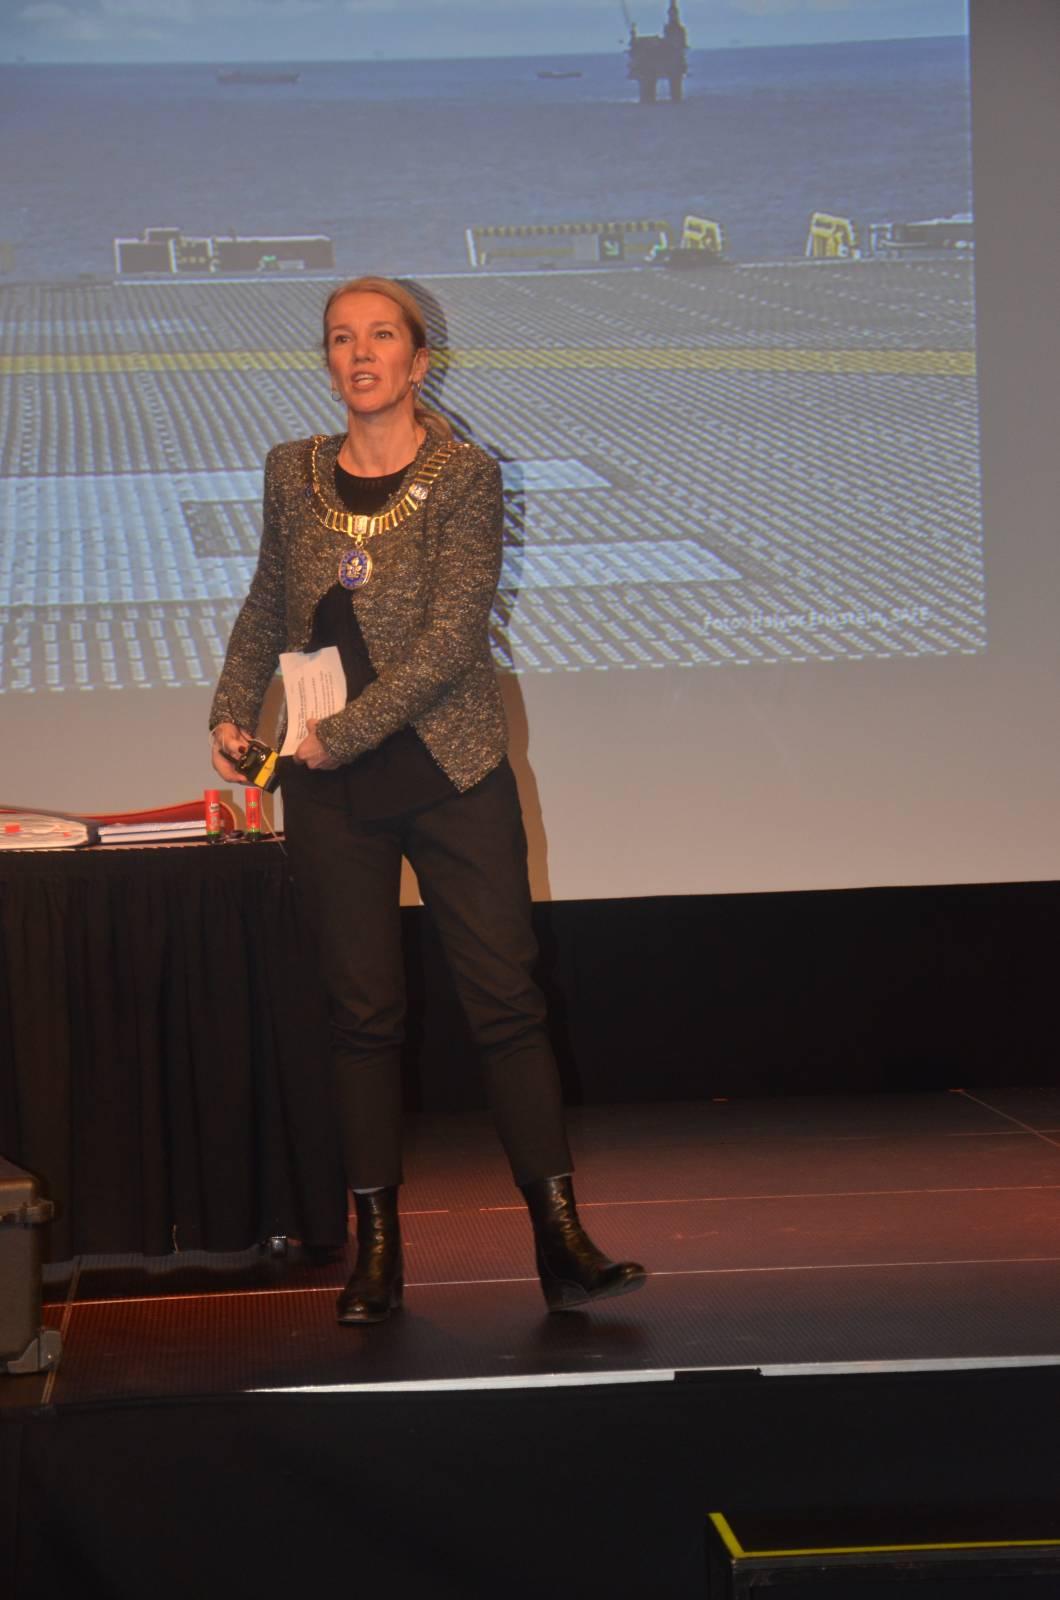 Gratulerer med 40-årsdagen, sa Christine Sagen Helgø da hun åpnet kongressen.